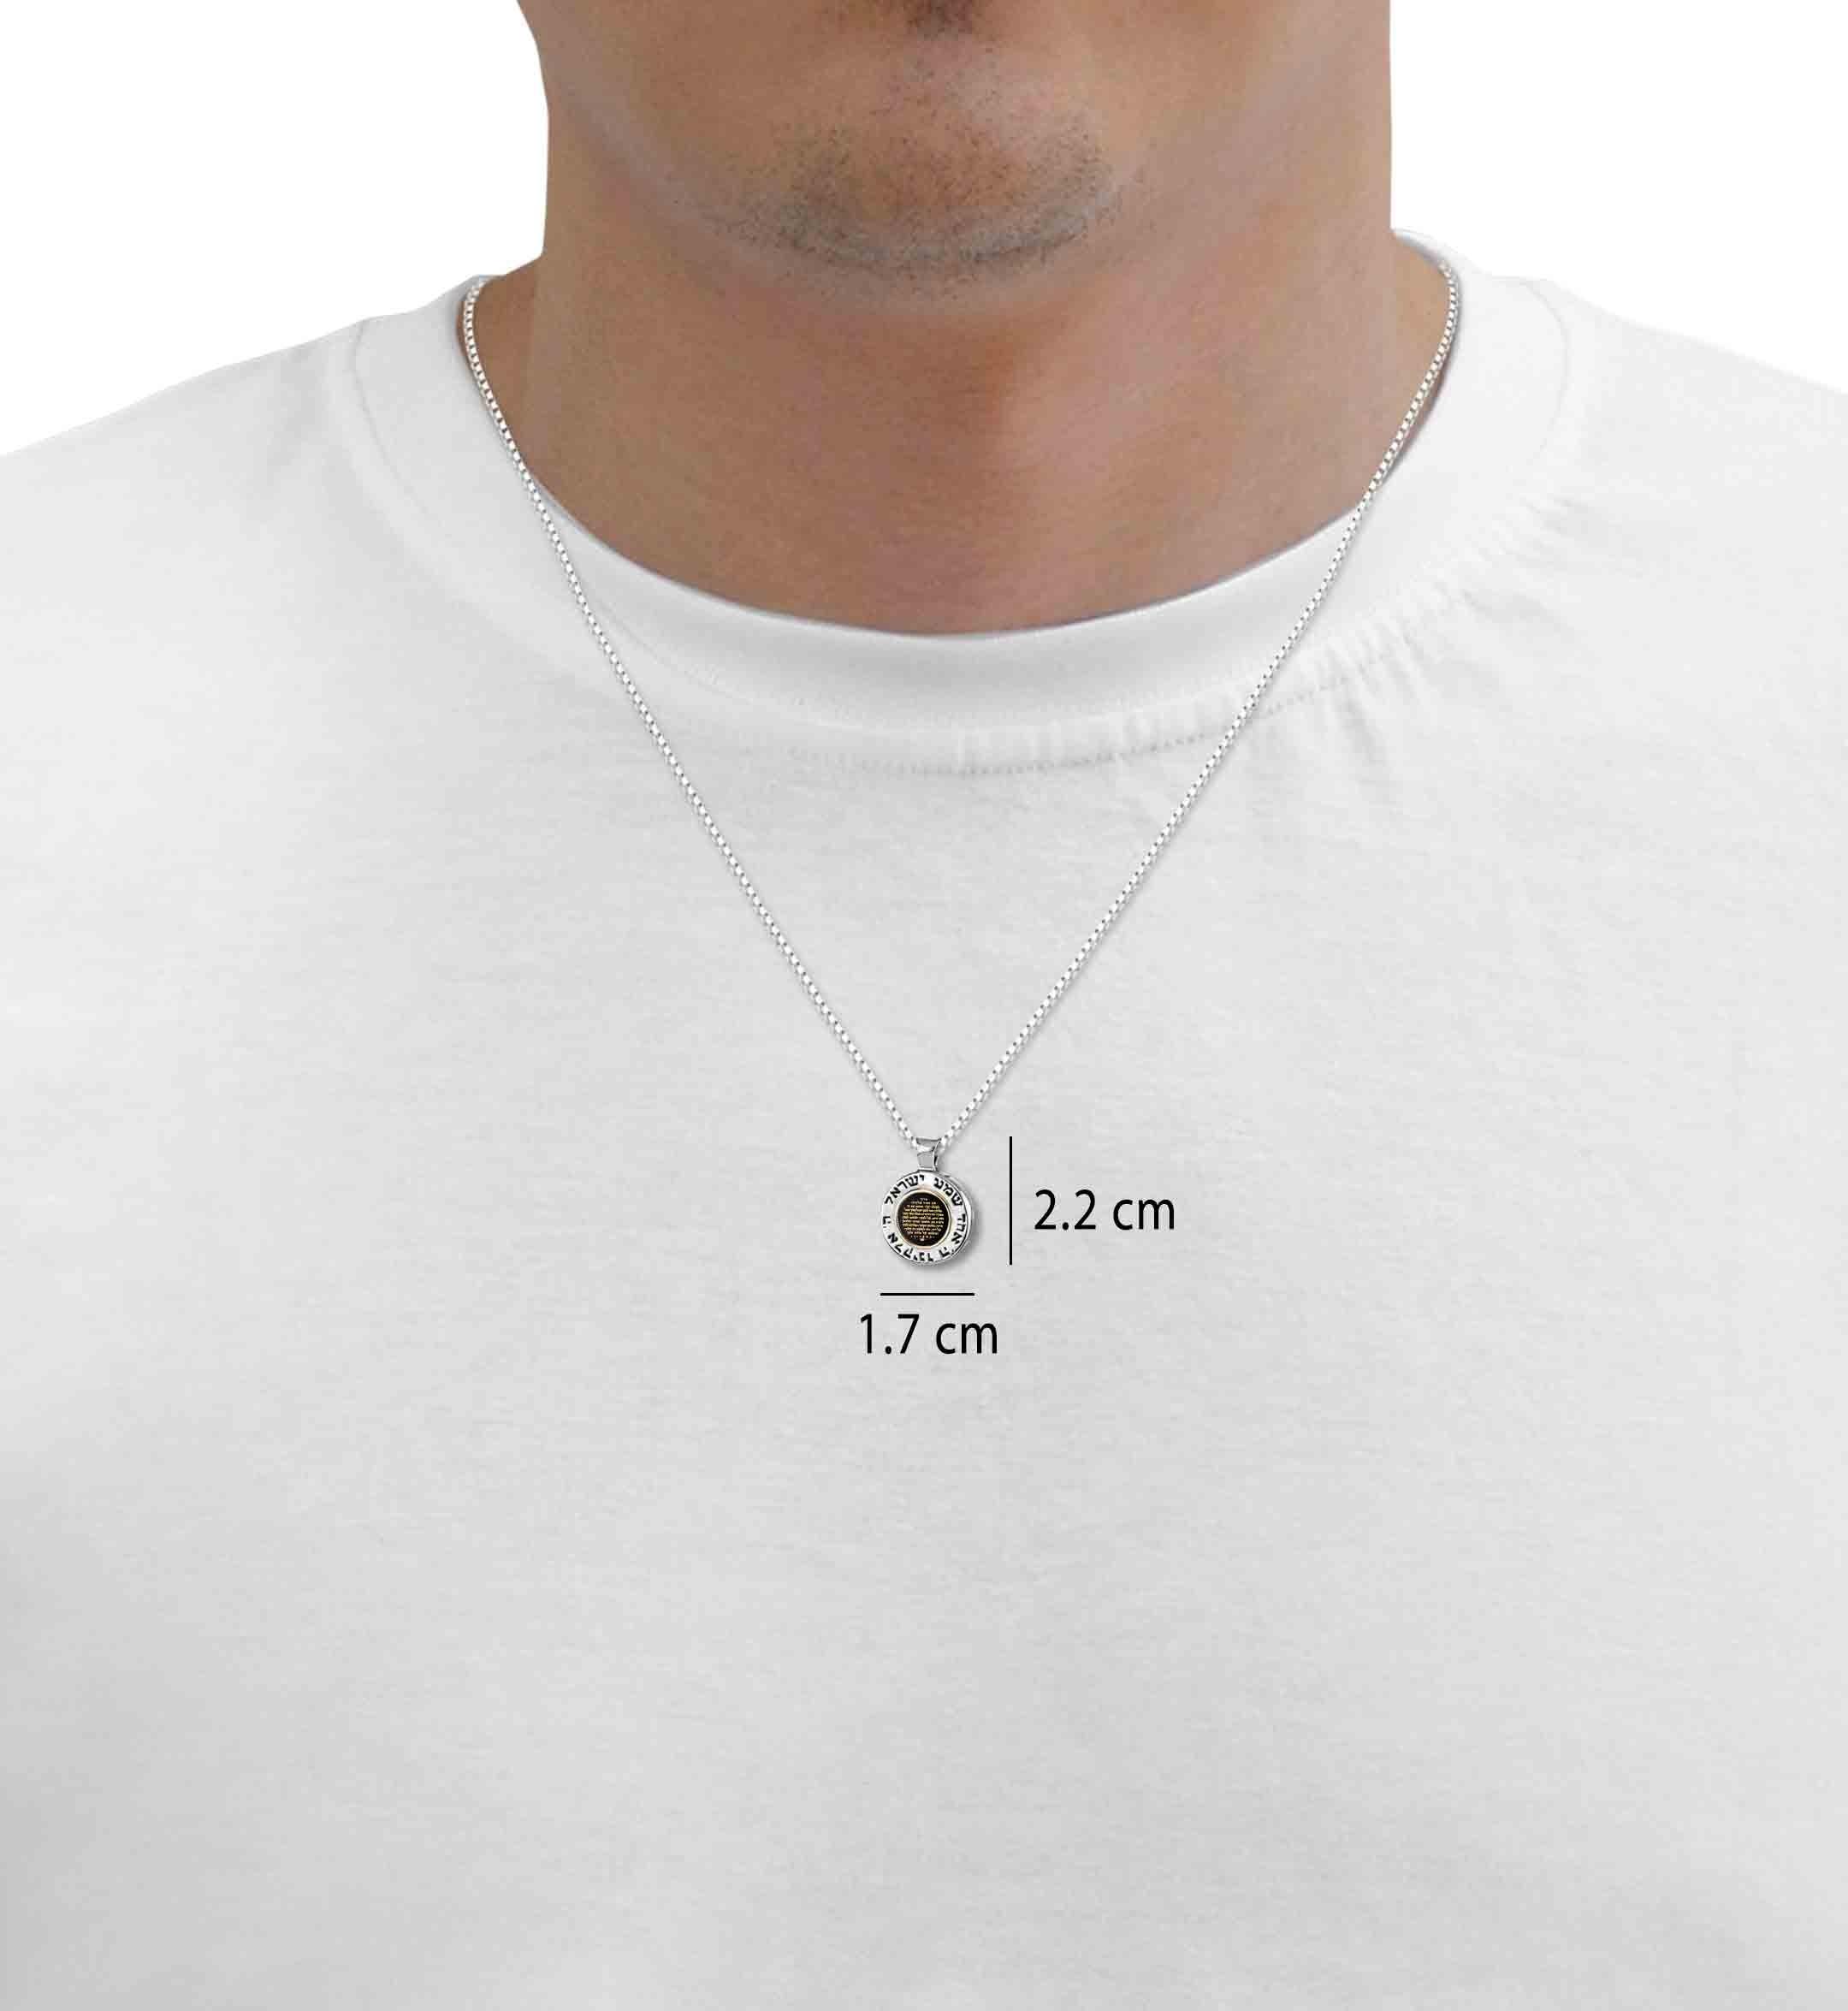 תכשיטים לגבר - שרשרת מזל מאזניים עם תכונות האופי - ננו תכשיטיםתכשיטים לגבר - שרשרת מזל מאזניים עם תכונות האופי - ננו תכשיטים